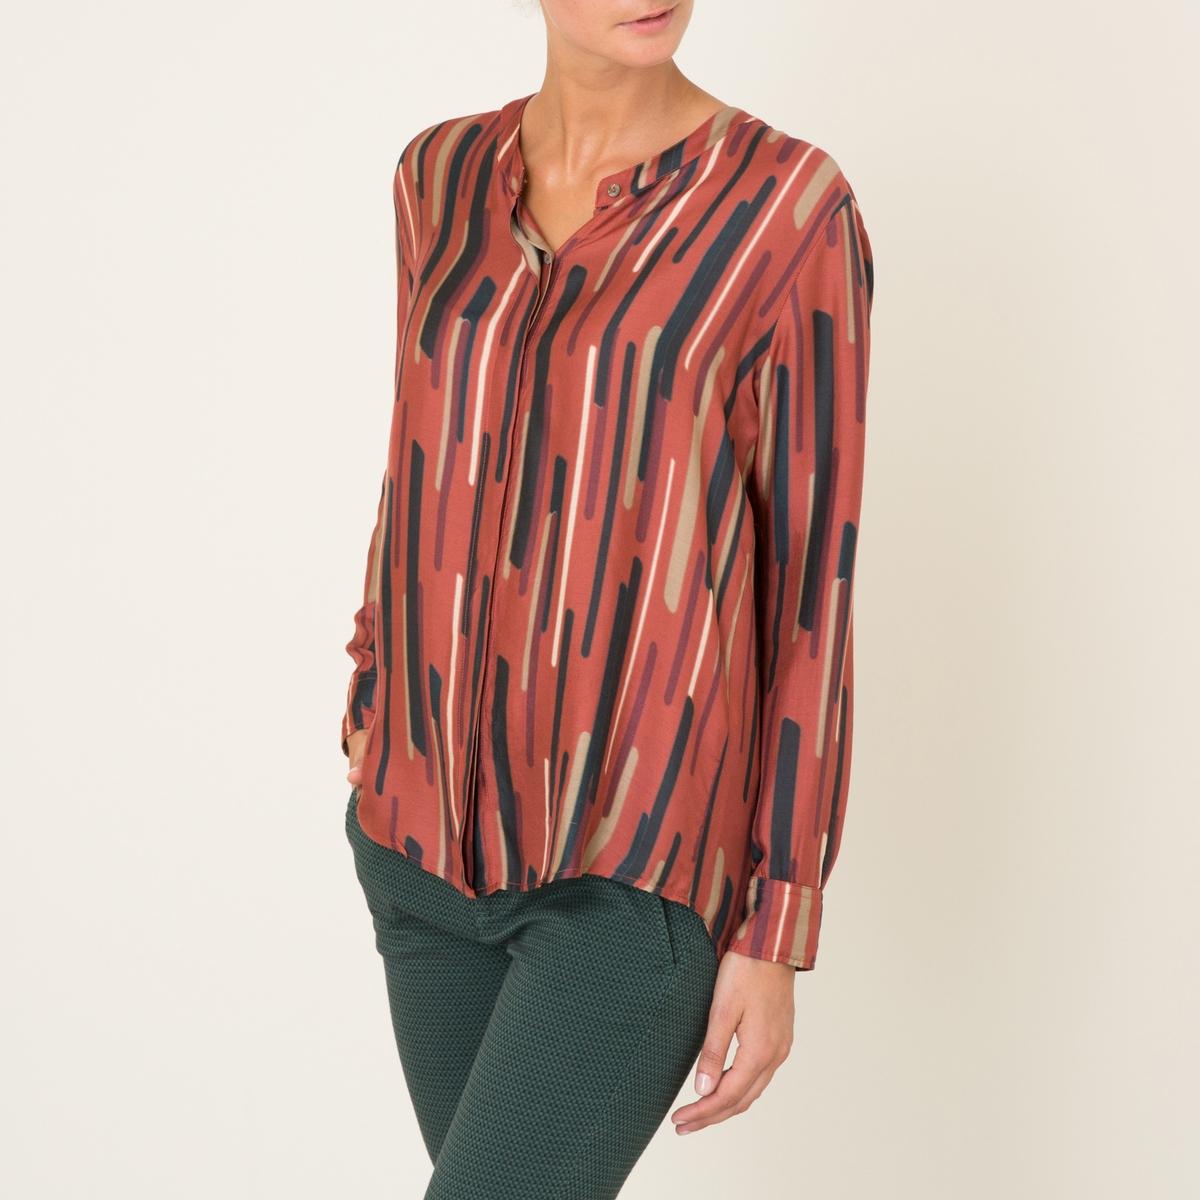 Блулзка SELENAСтруящаяся блузка DIEGA - моедль SELENA из шелковистой ткани со сплошным рисунком. Свободный воротник-стойка. Супатная застёжка на пуговицы. Длинные рукава с пуговицами на манжетах.Состав и описание Материал : 80% вискозы, 20% шелкаМарка : DIEGA<br><br>Цвет: красный